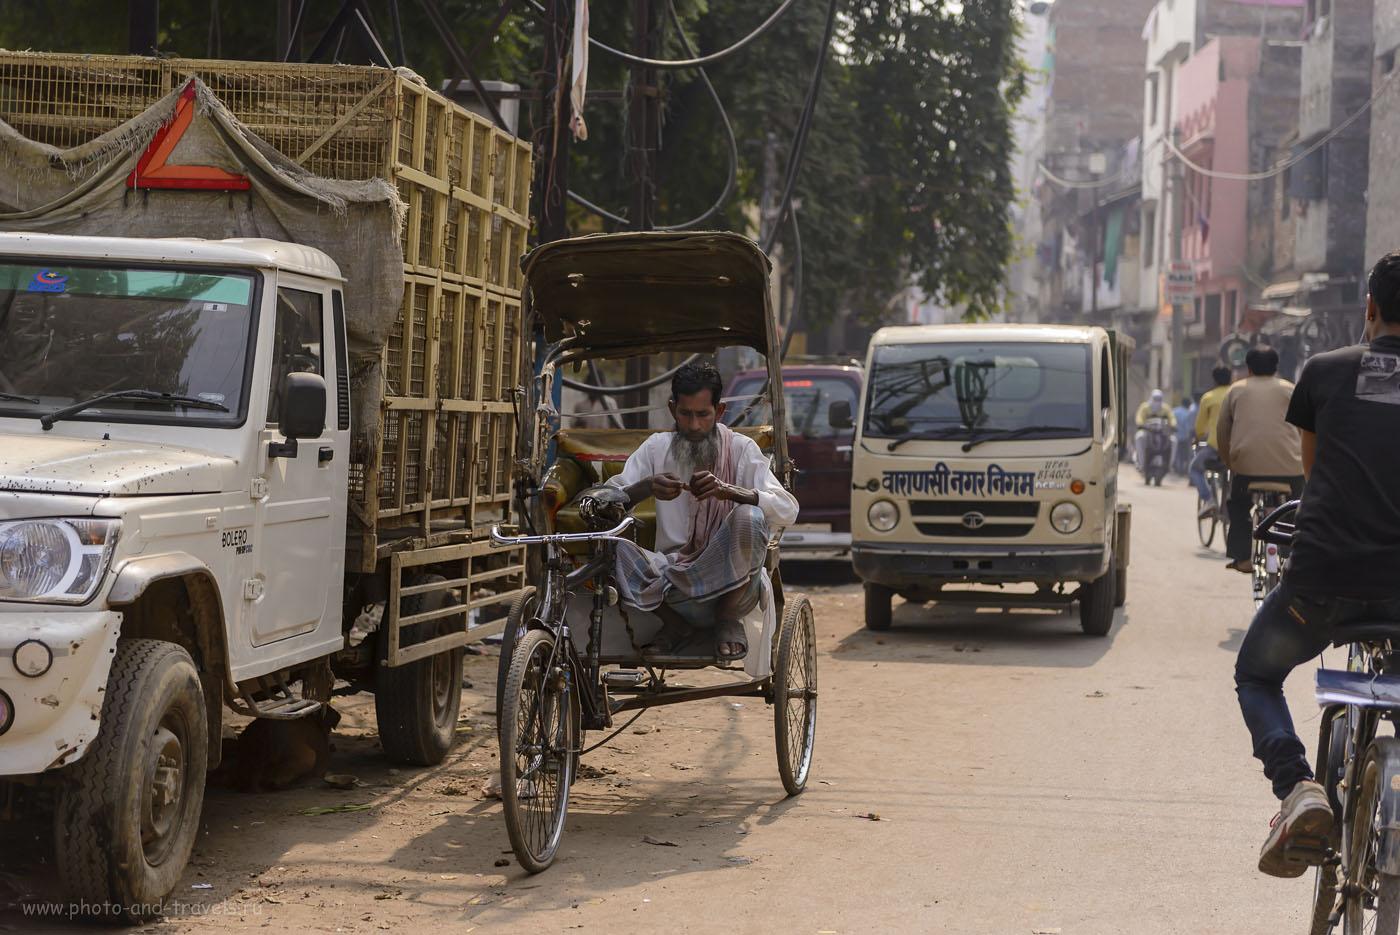 Фото 26. Старик Хоттабыч подрабатывает велорикшей в Варанаси. Отчеты о путешествии по Индии самостоятельно. 1/2500,2.8,250, 70.